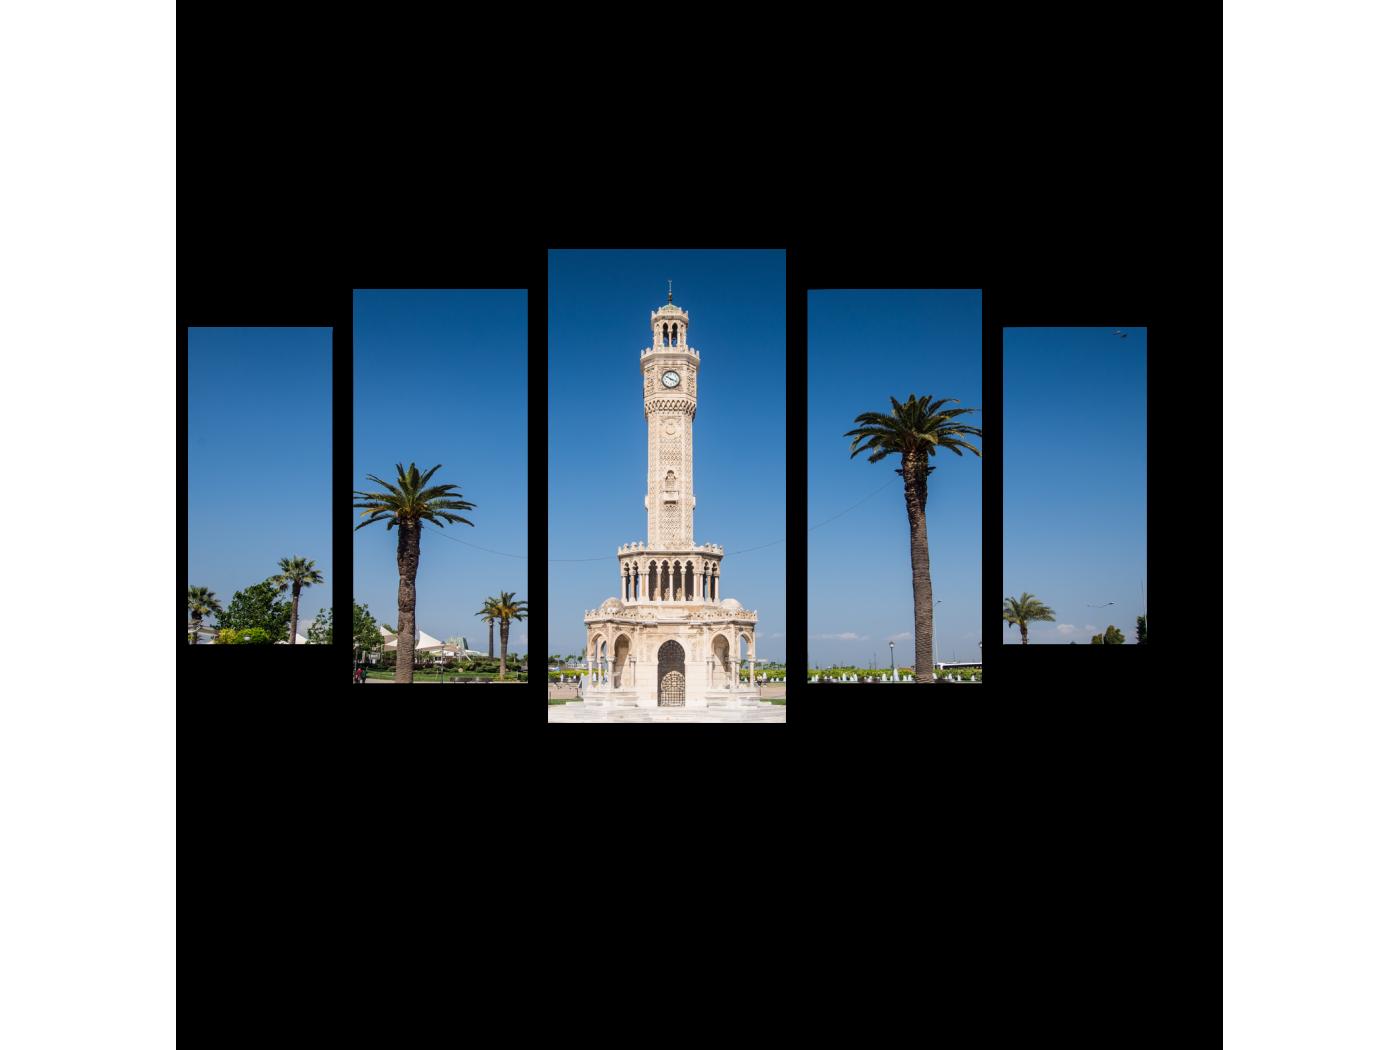 Модульная картина Измирская часовая башня в Турции (100x55) фото